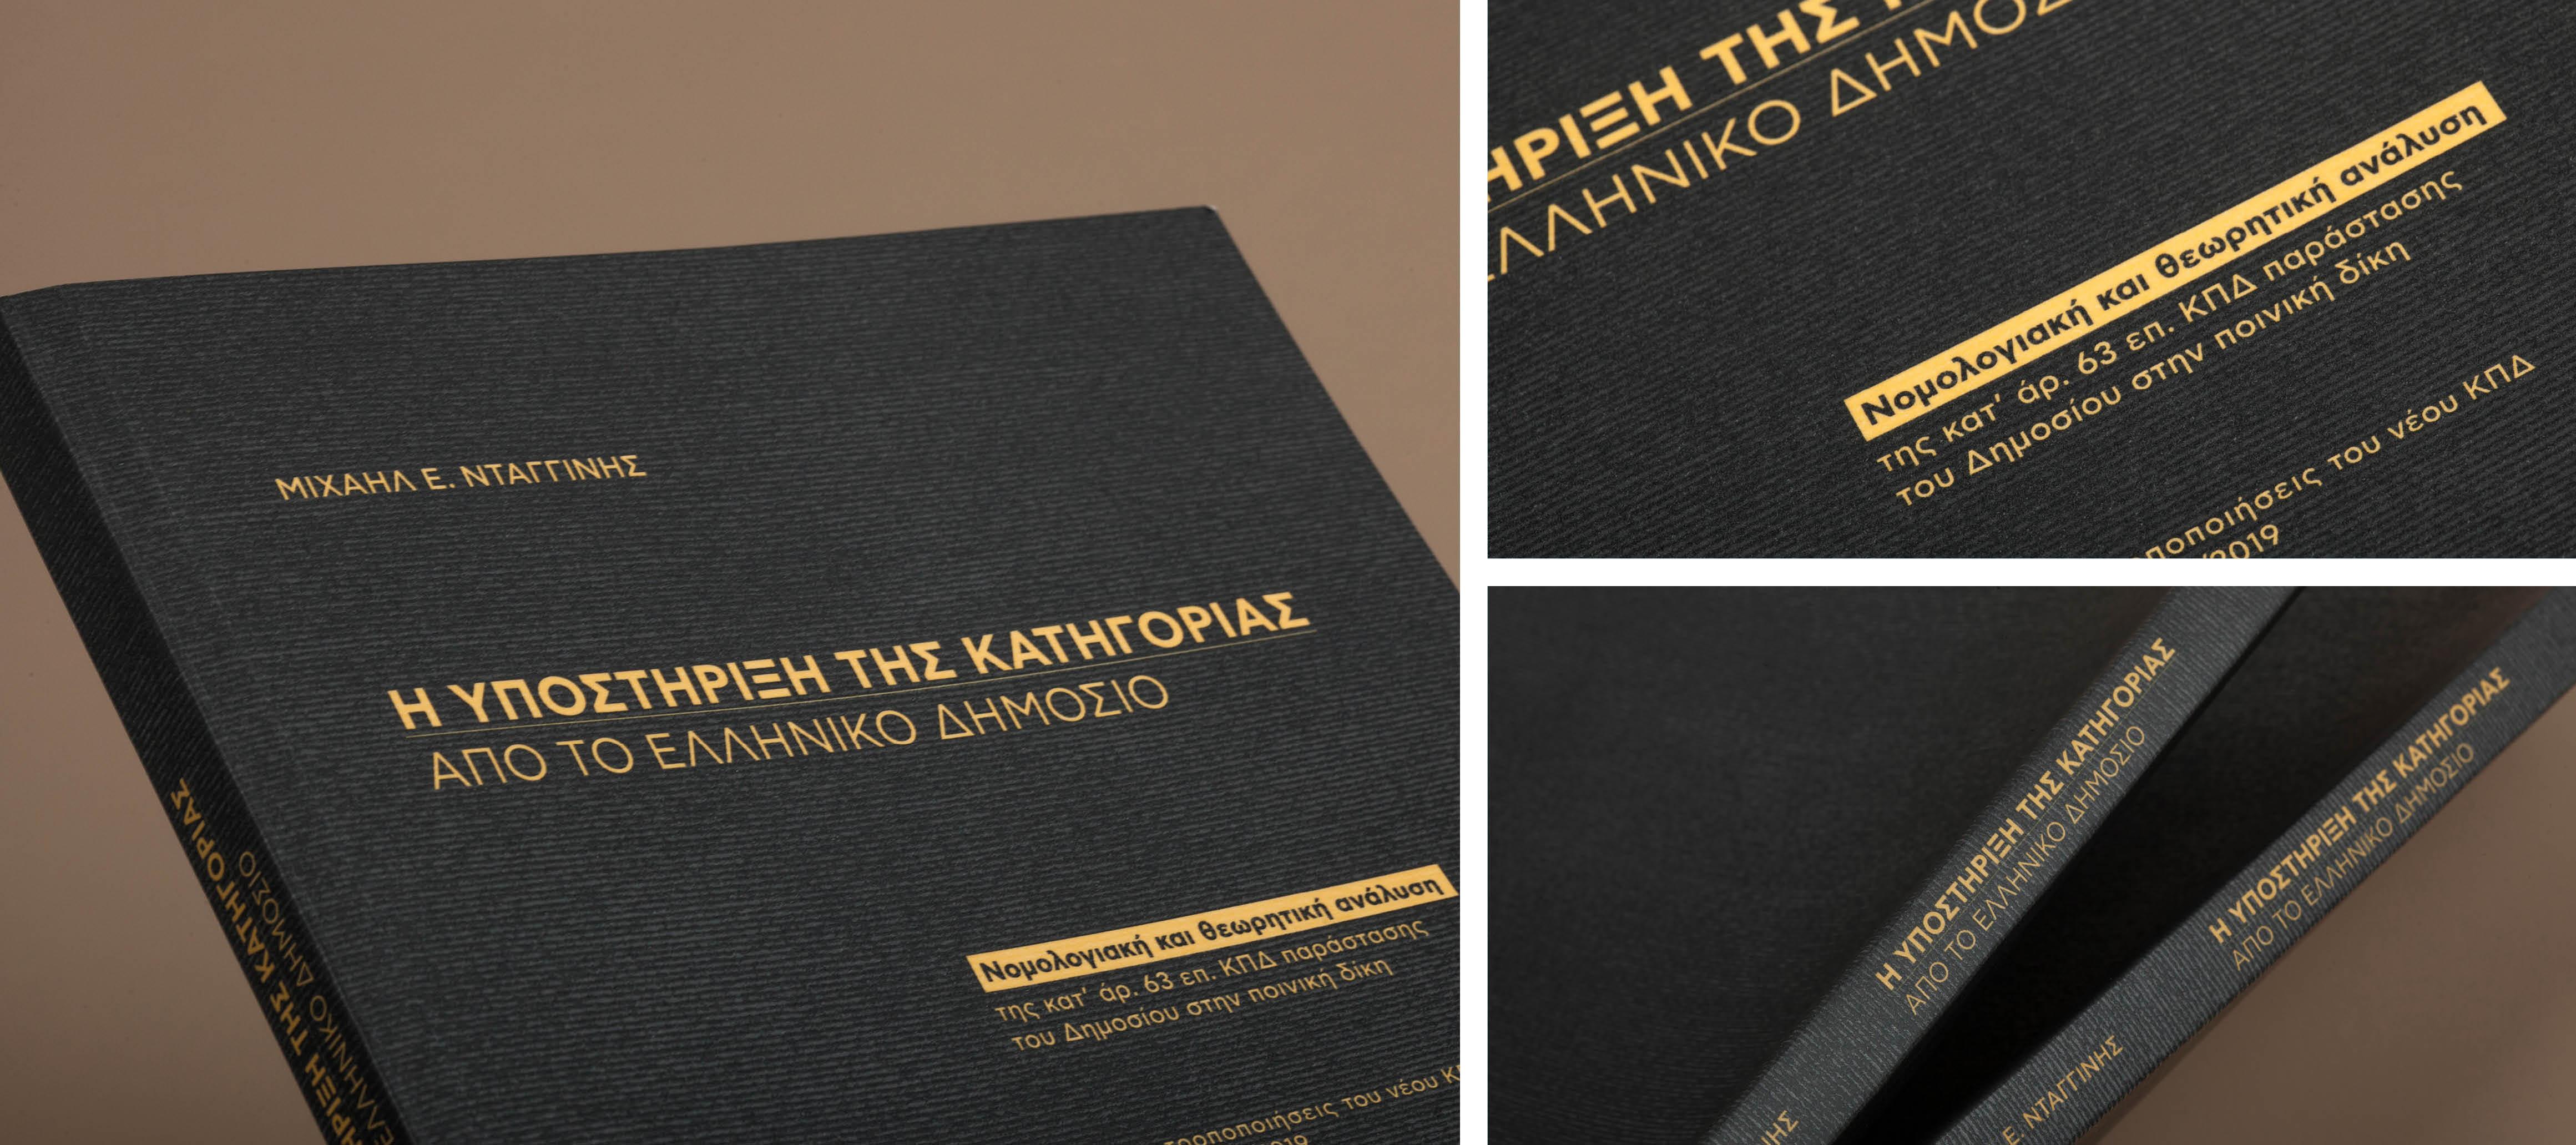 Η υποστήριξη της κατηγορίας από το Ελληνικό Δημόσιο